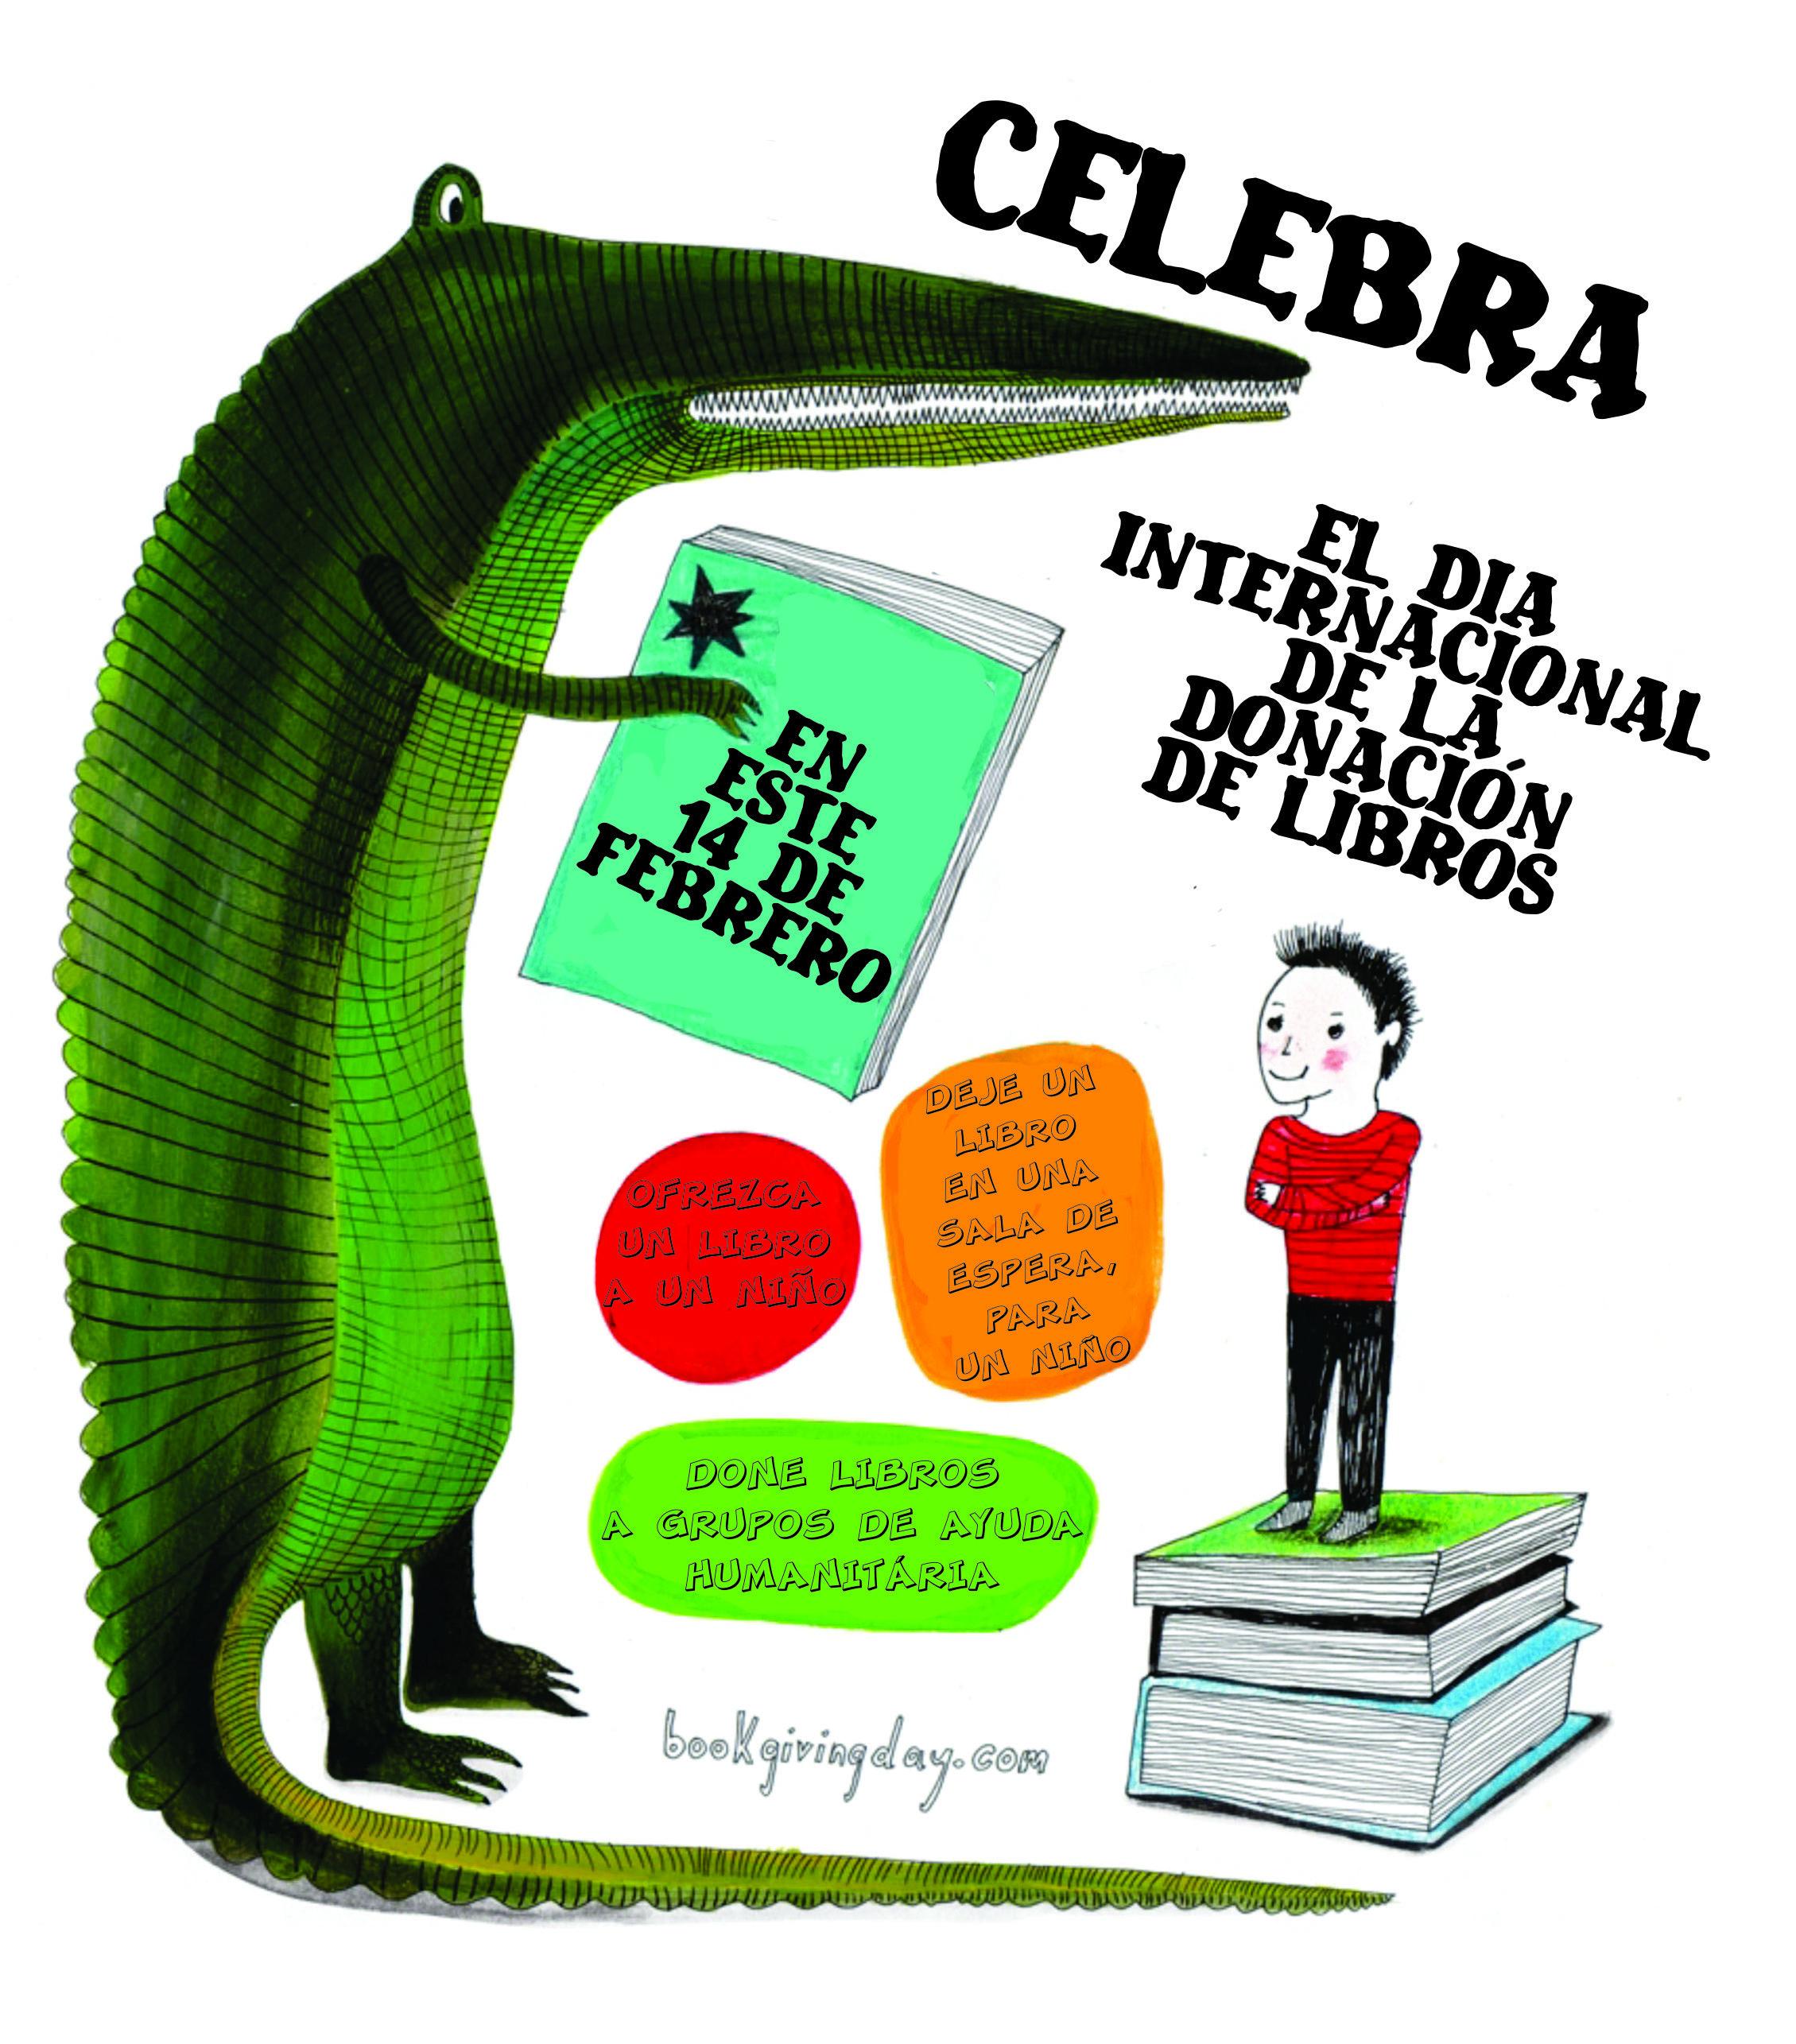 Día Internacional de la Donación de Libros